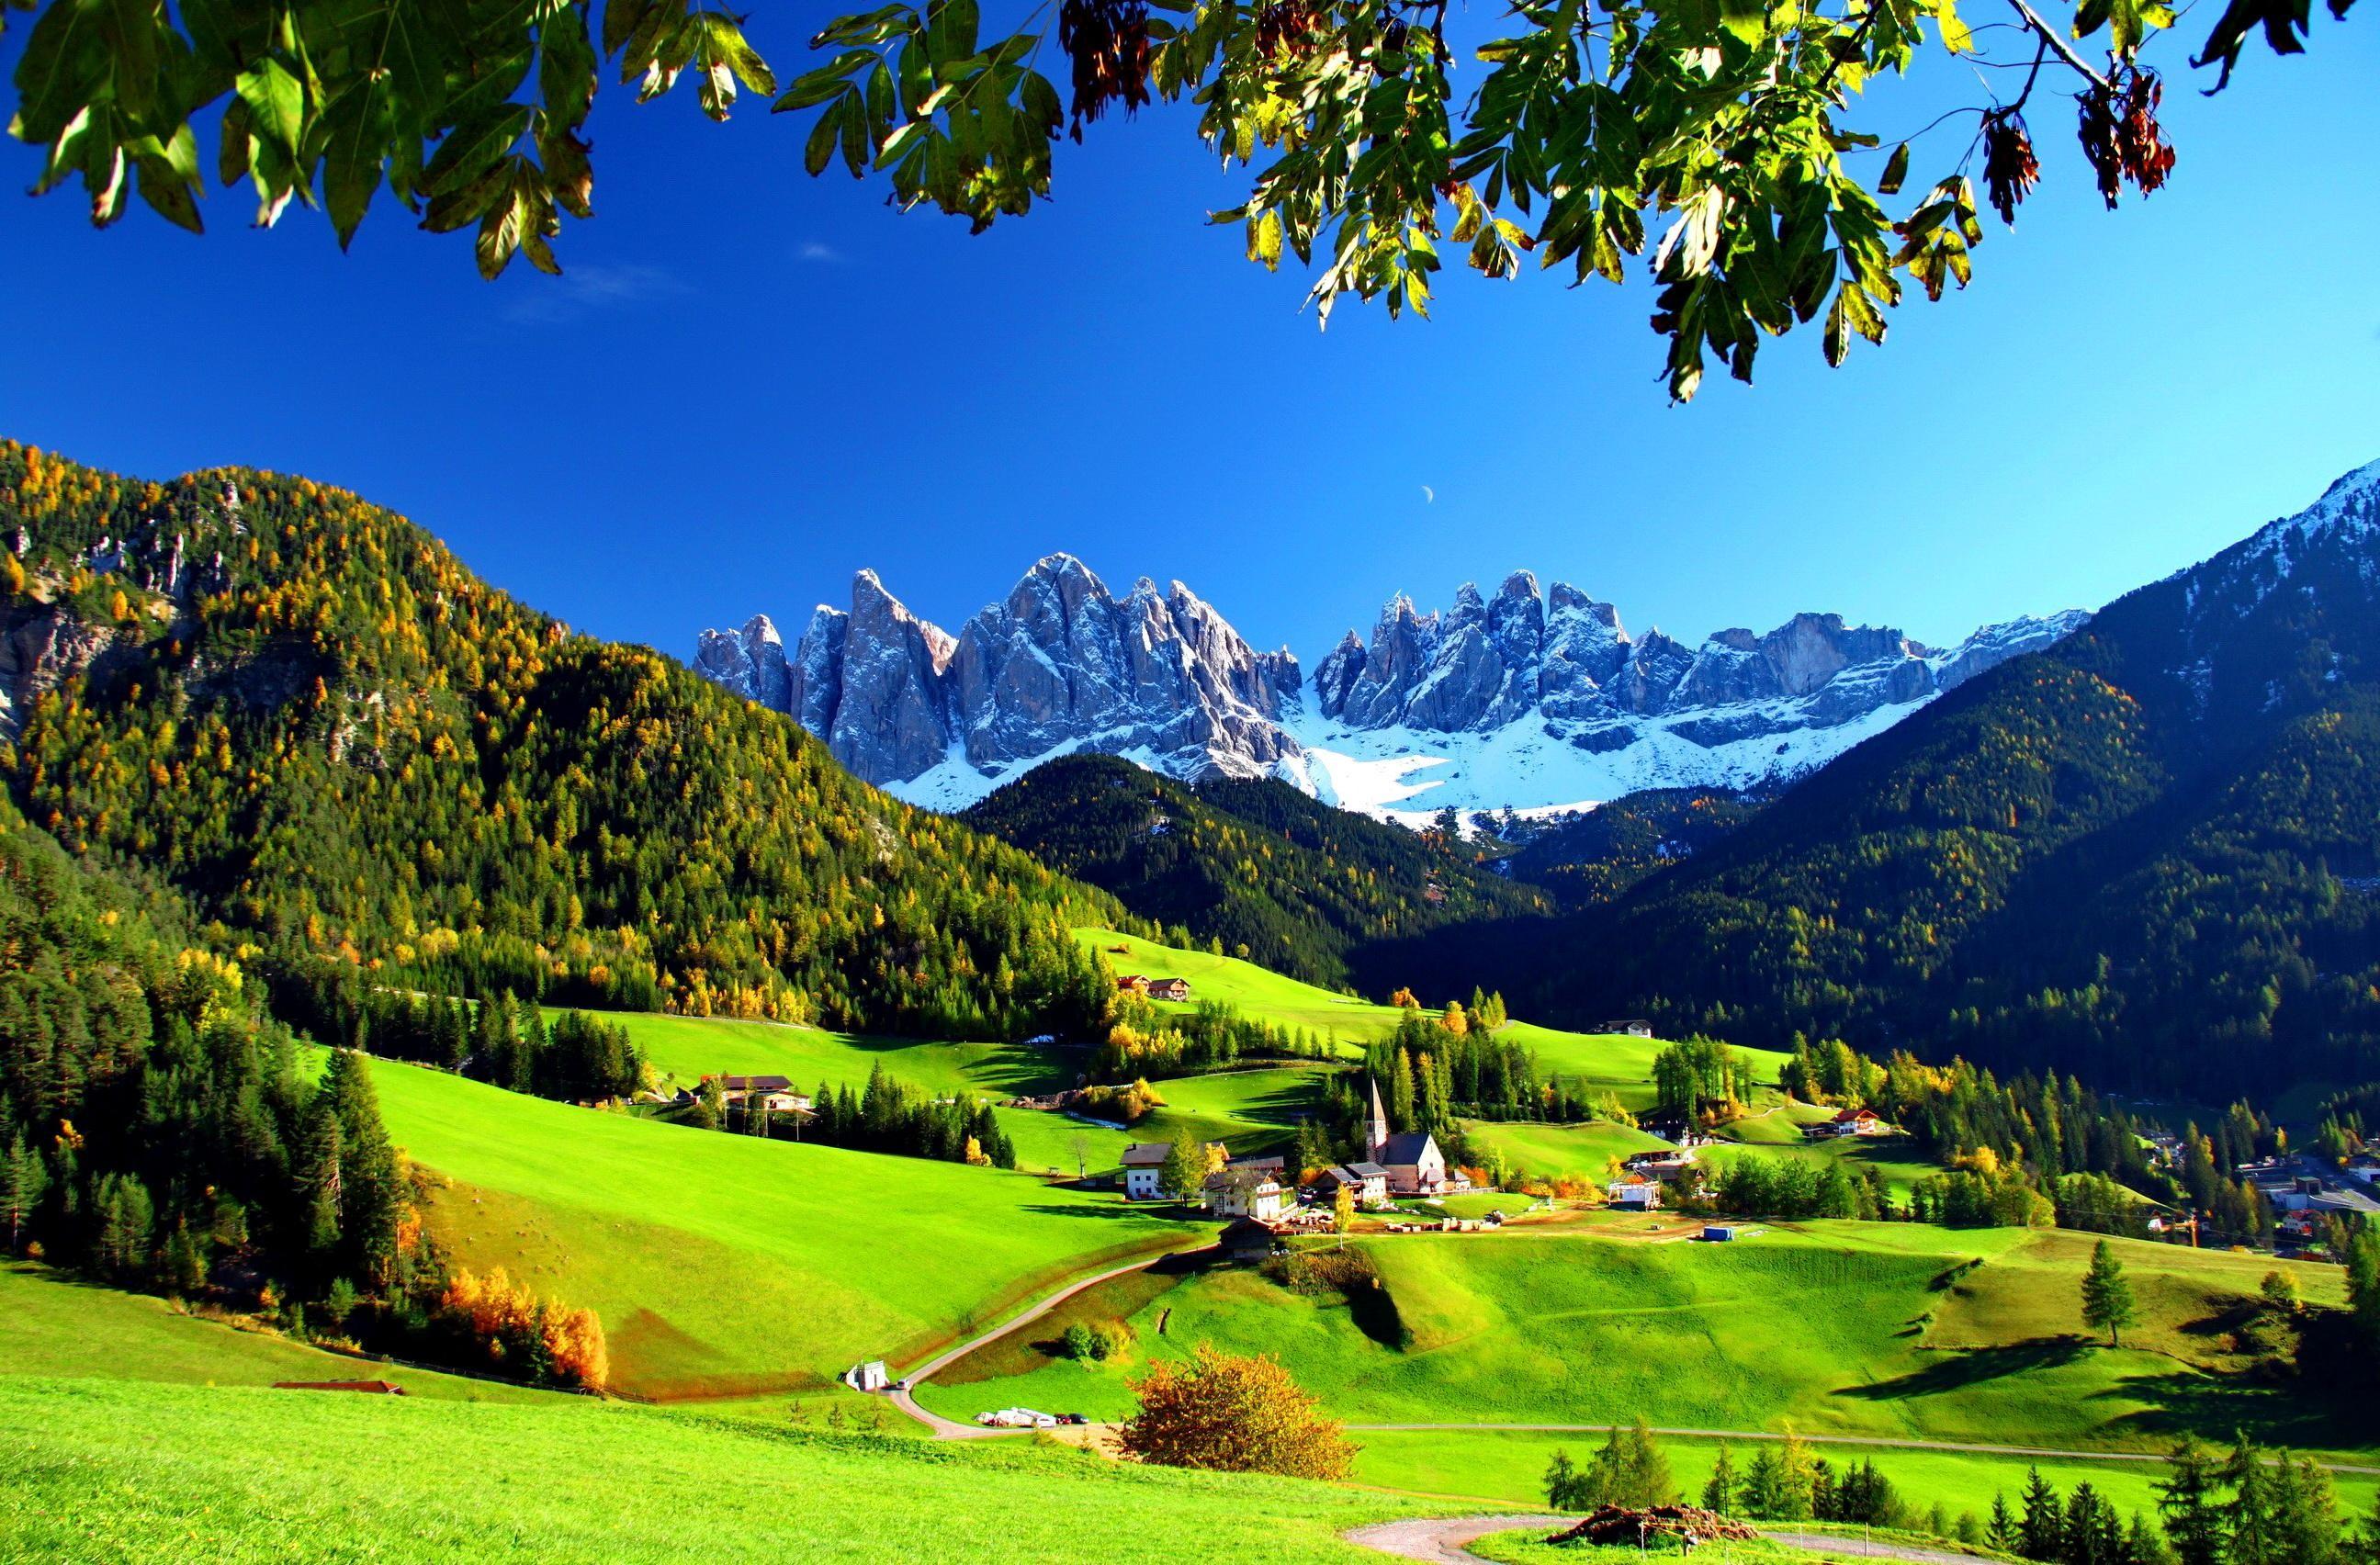 nature desktop background